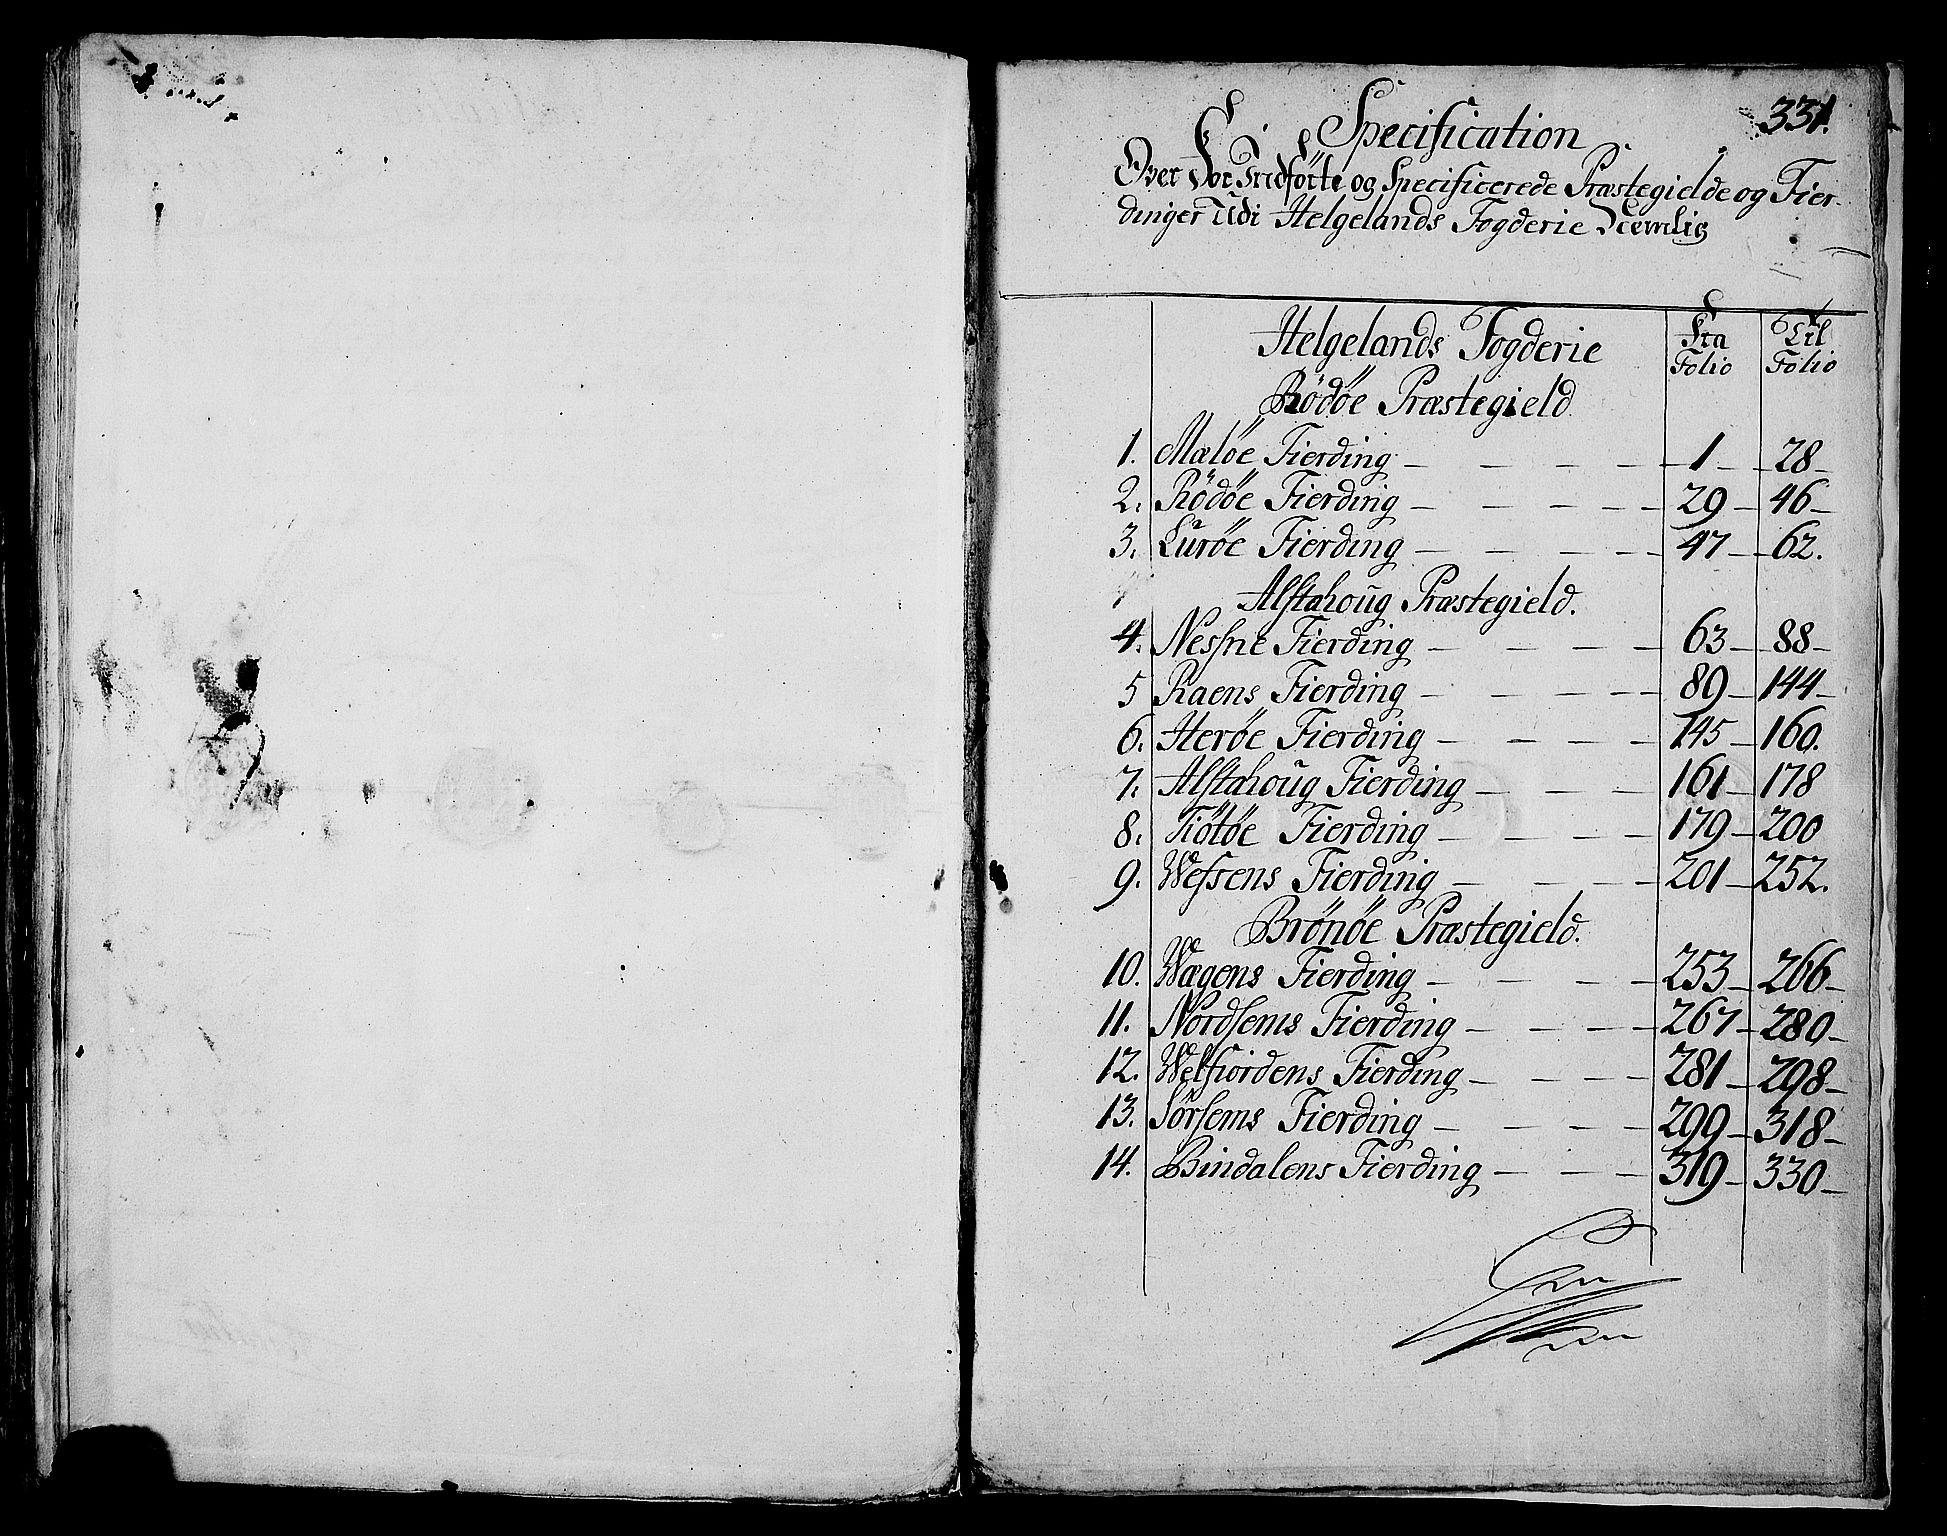 RA, Rentekammeret inntil 1814, Realistisk ordnet avdeling, N/Nb/Nbf/L0171: Helgeland matrikkelprotokoll, 1723, s. 330b-331a